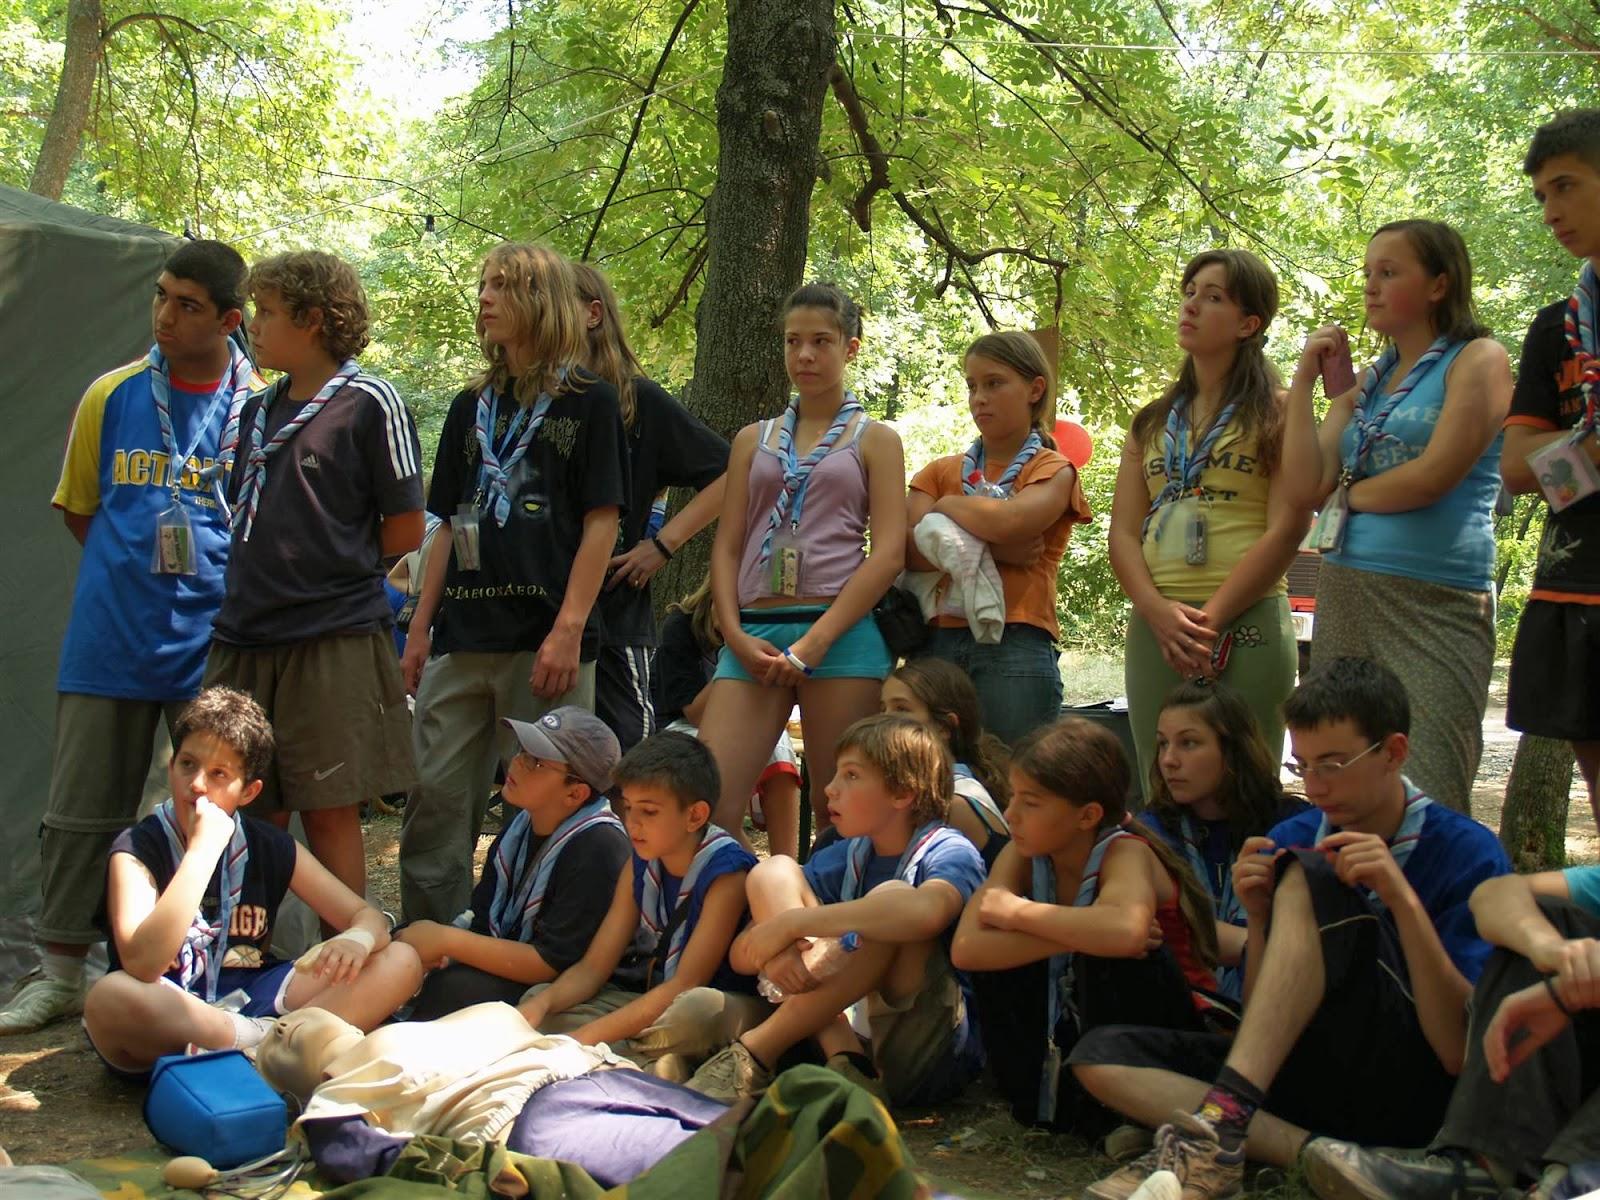 Smotra, Smotra 2006 - P0241649.JPG